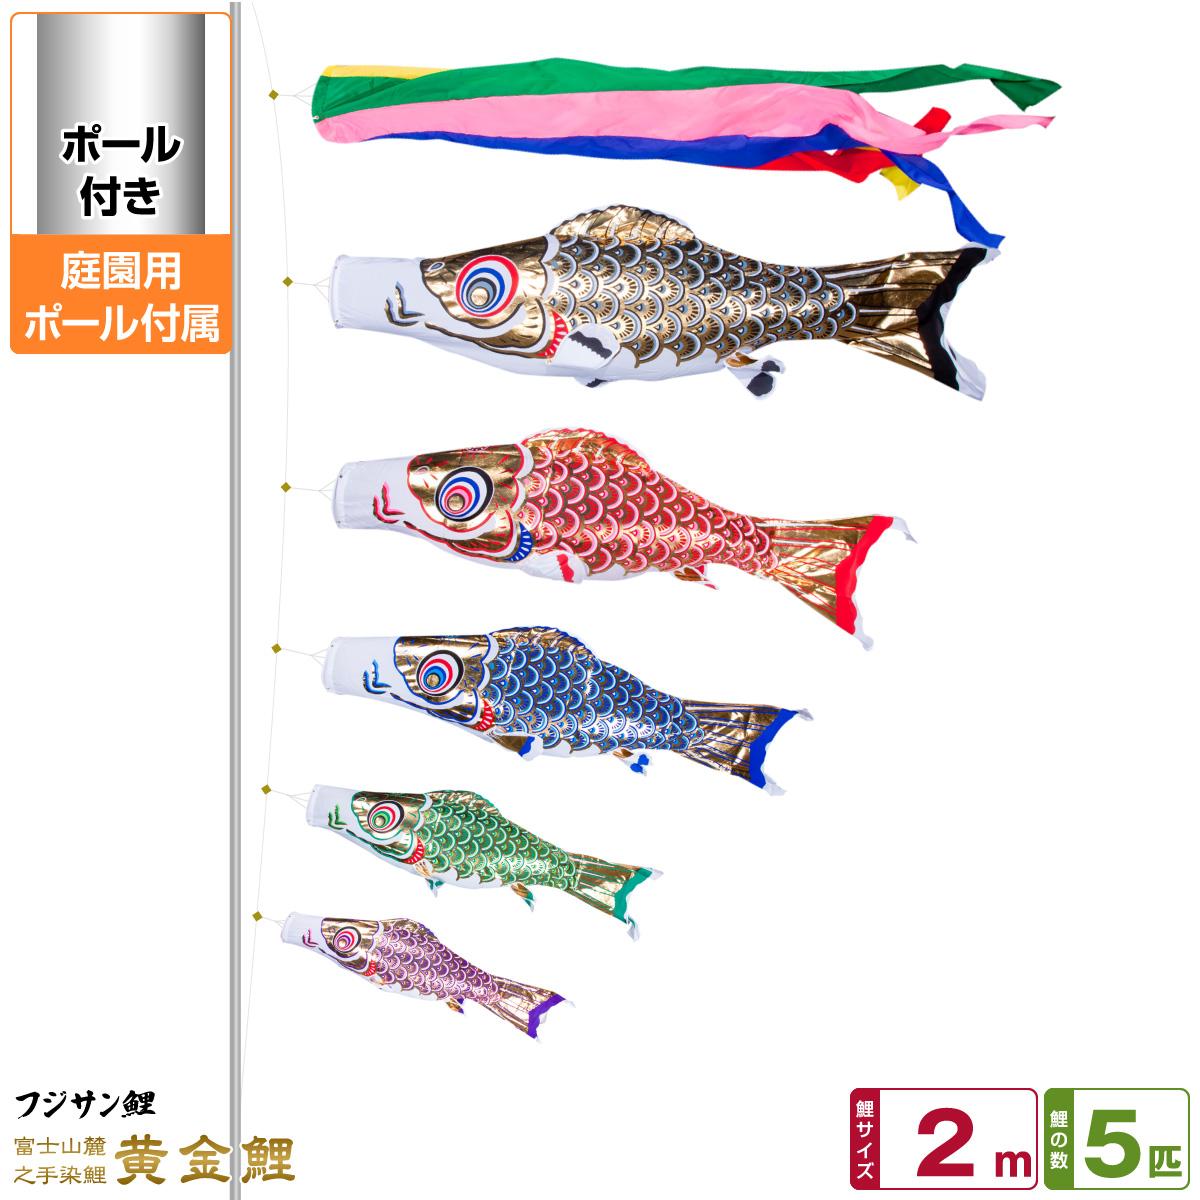 庭園用 こいのぼり 鯉のぼり フジサン鯉 黄金鯉 2m 8点セット(吹流し+鯉5匹+矢車+ロープ) 庭園 ポール付属 ガーデンセット